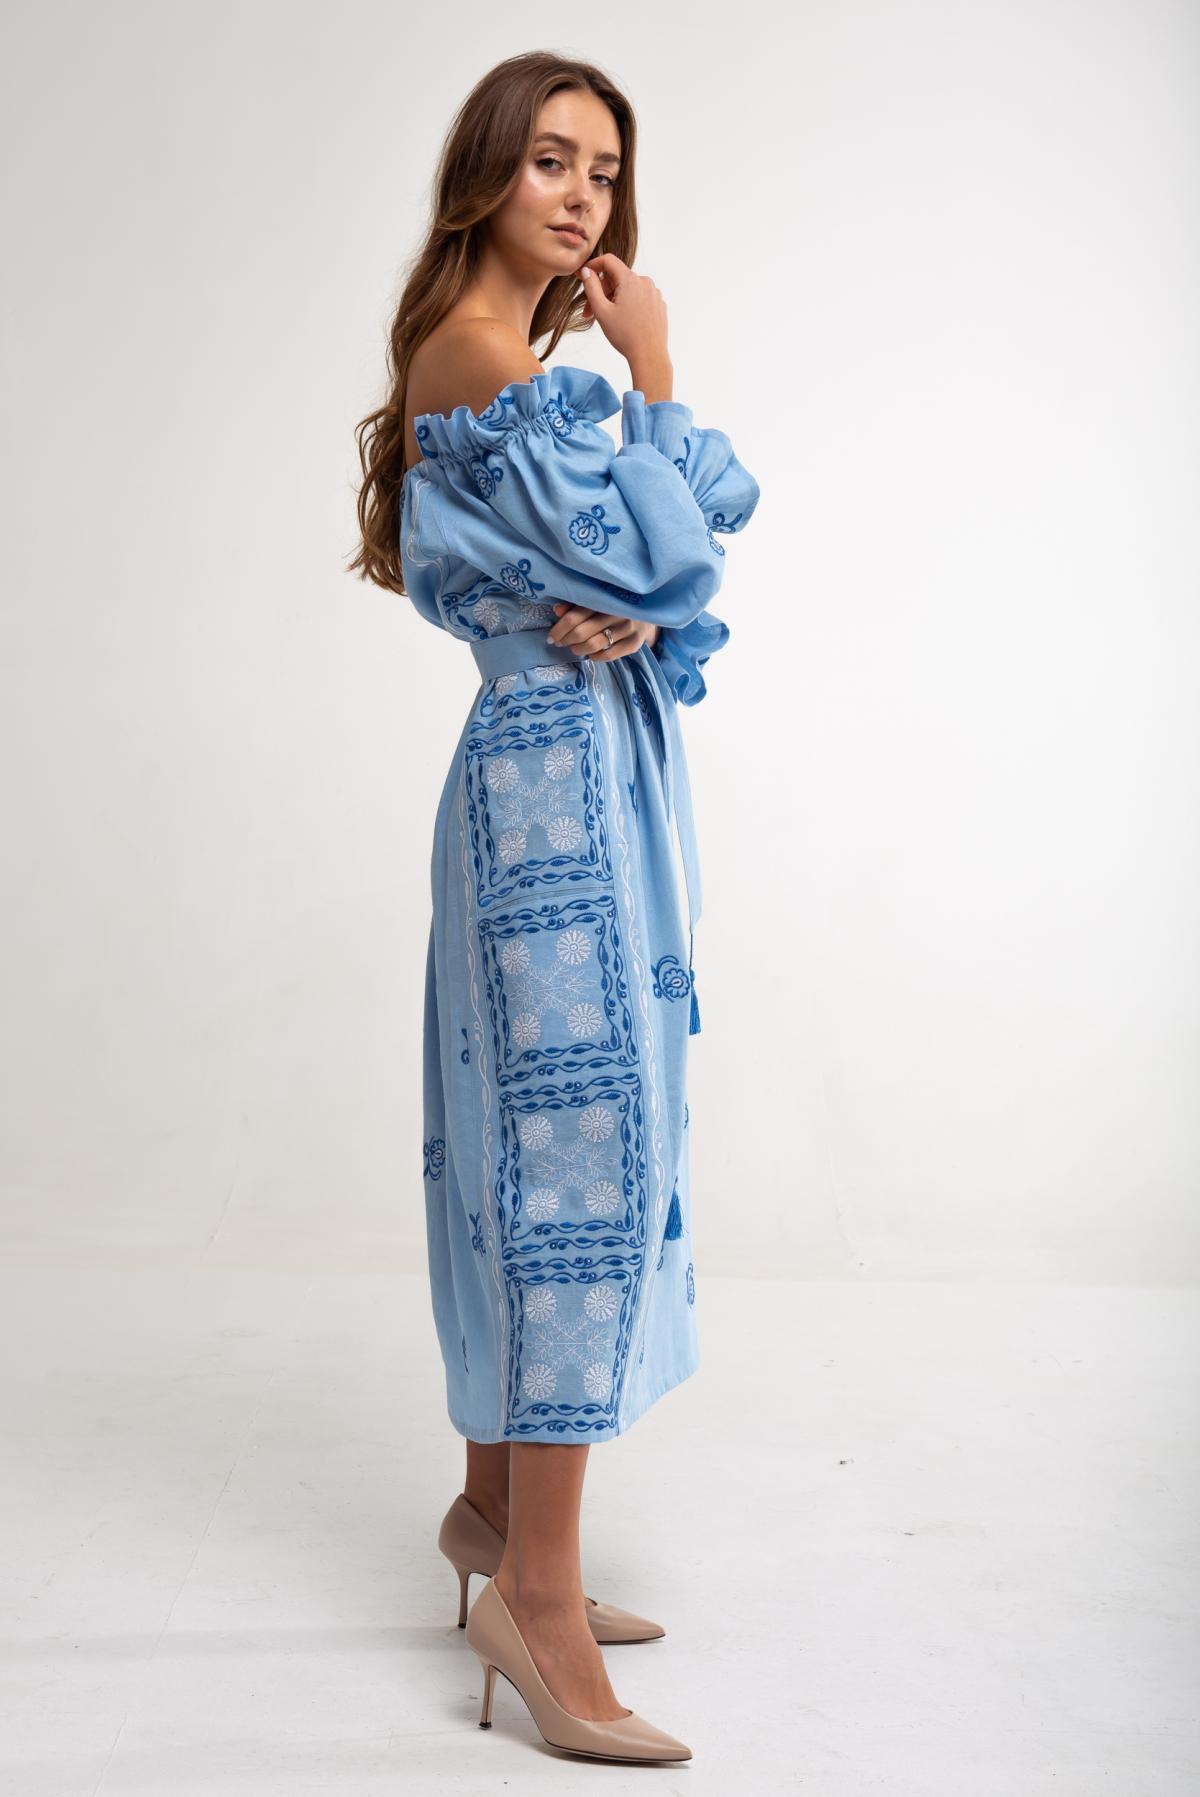 Вышитое платье Барвинок голубое. Фото №2. | Народный дом Украина